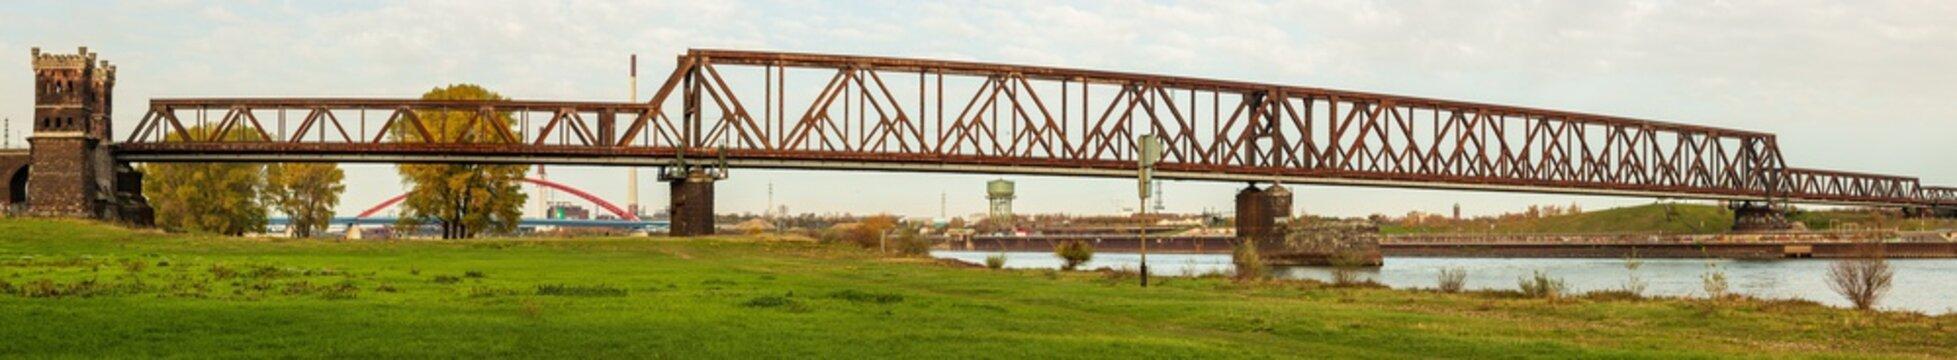 Panorama der Hochfelder Eisenbahnbrücke in Duisburg